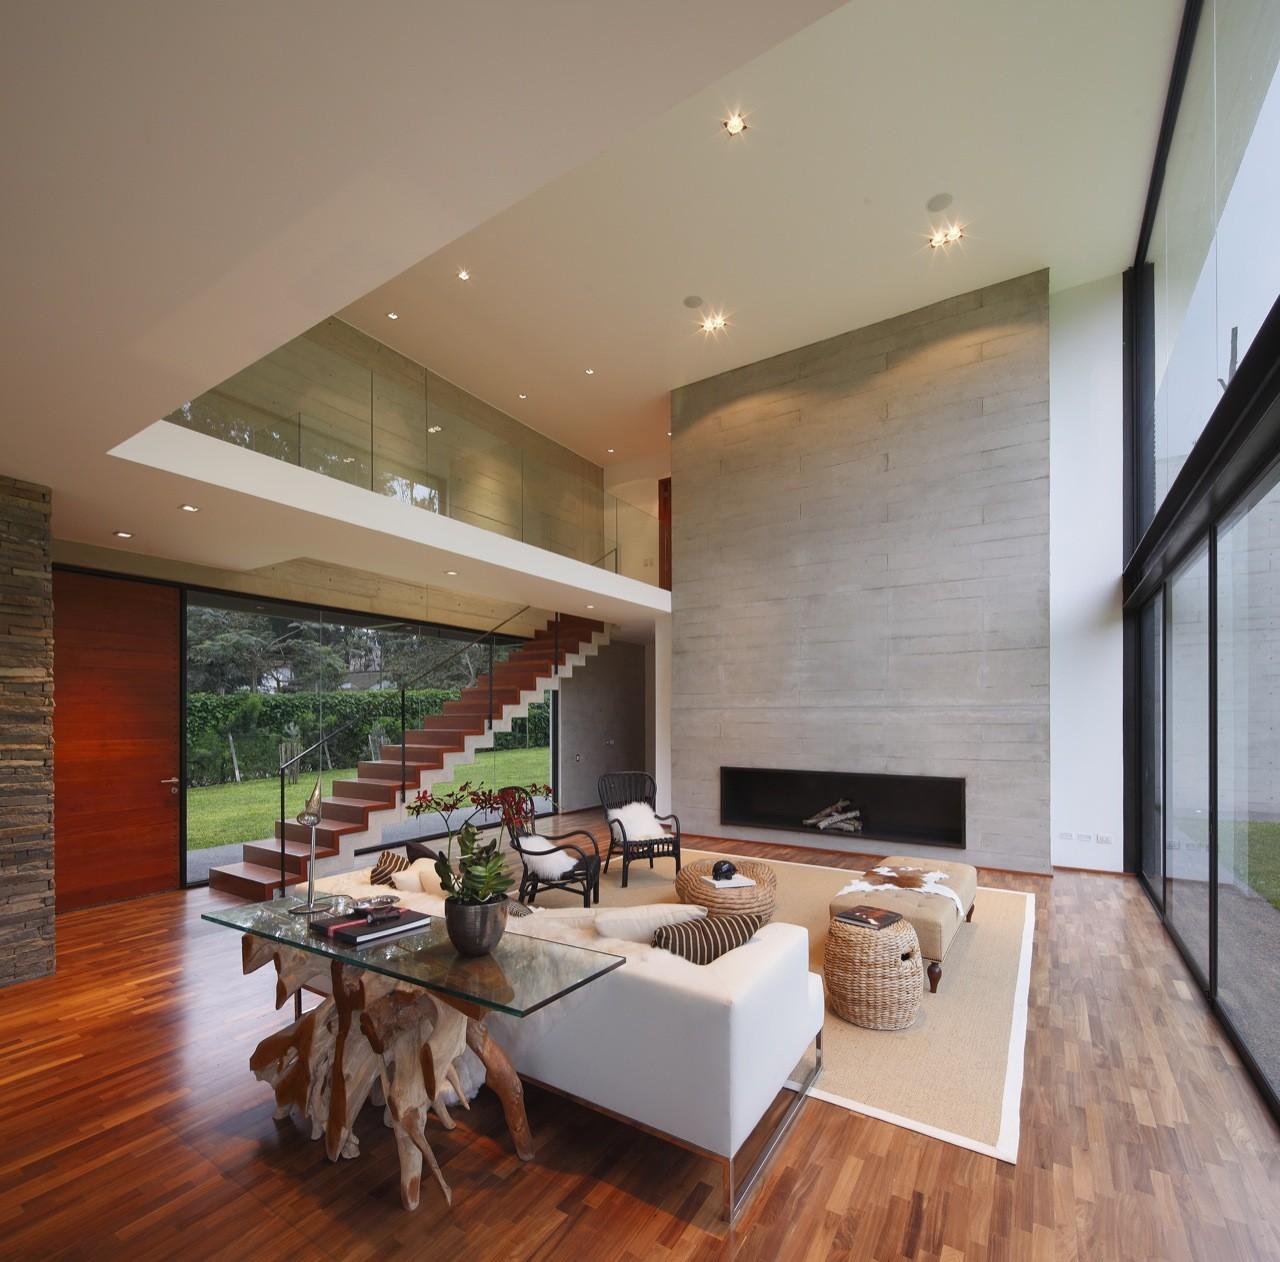 Int U00e9rieur Maison Moderne Avec D U00e9coration Asiatique Casa Design